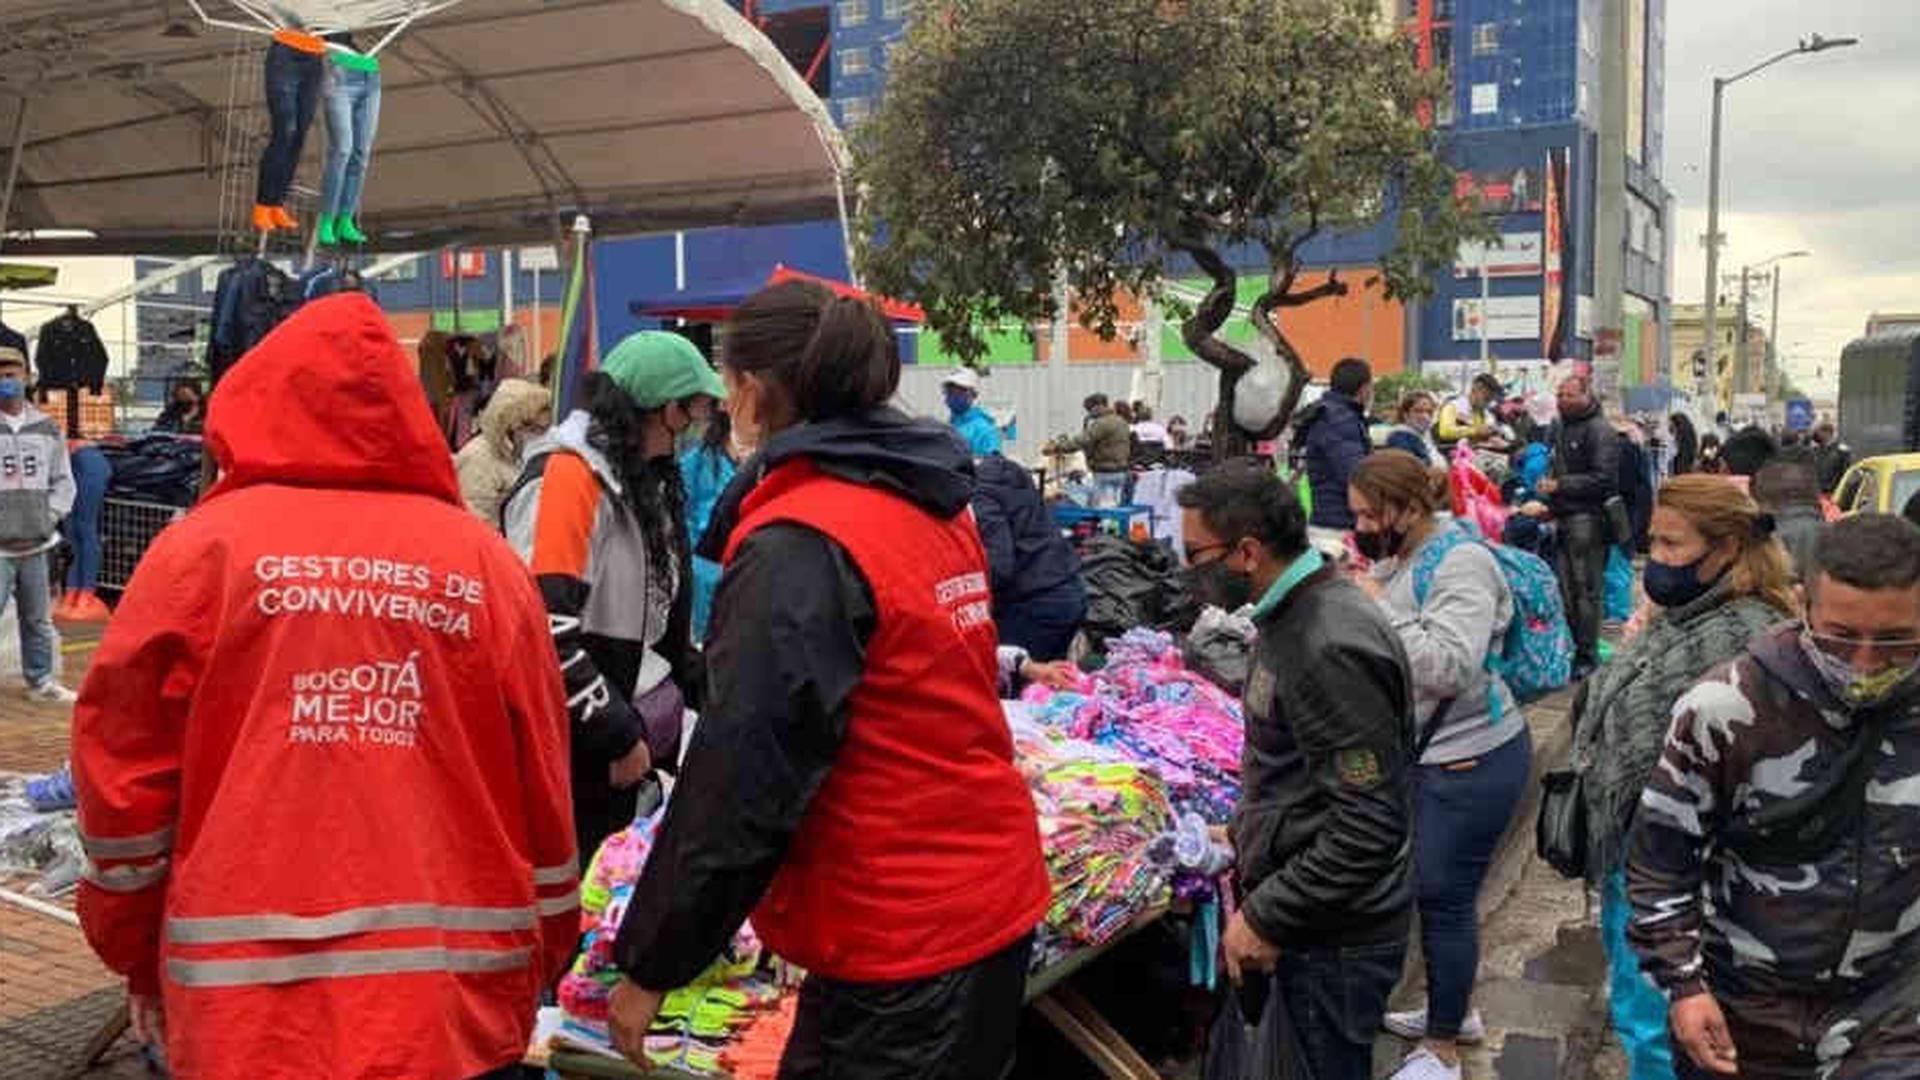 Reactivación económica en el centro de Bogotá / Foto de  Twitter @LuisErnestoGL